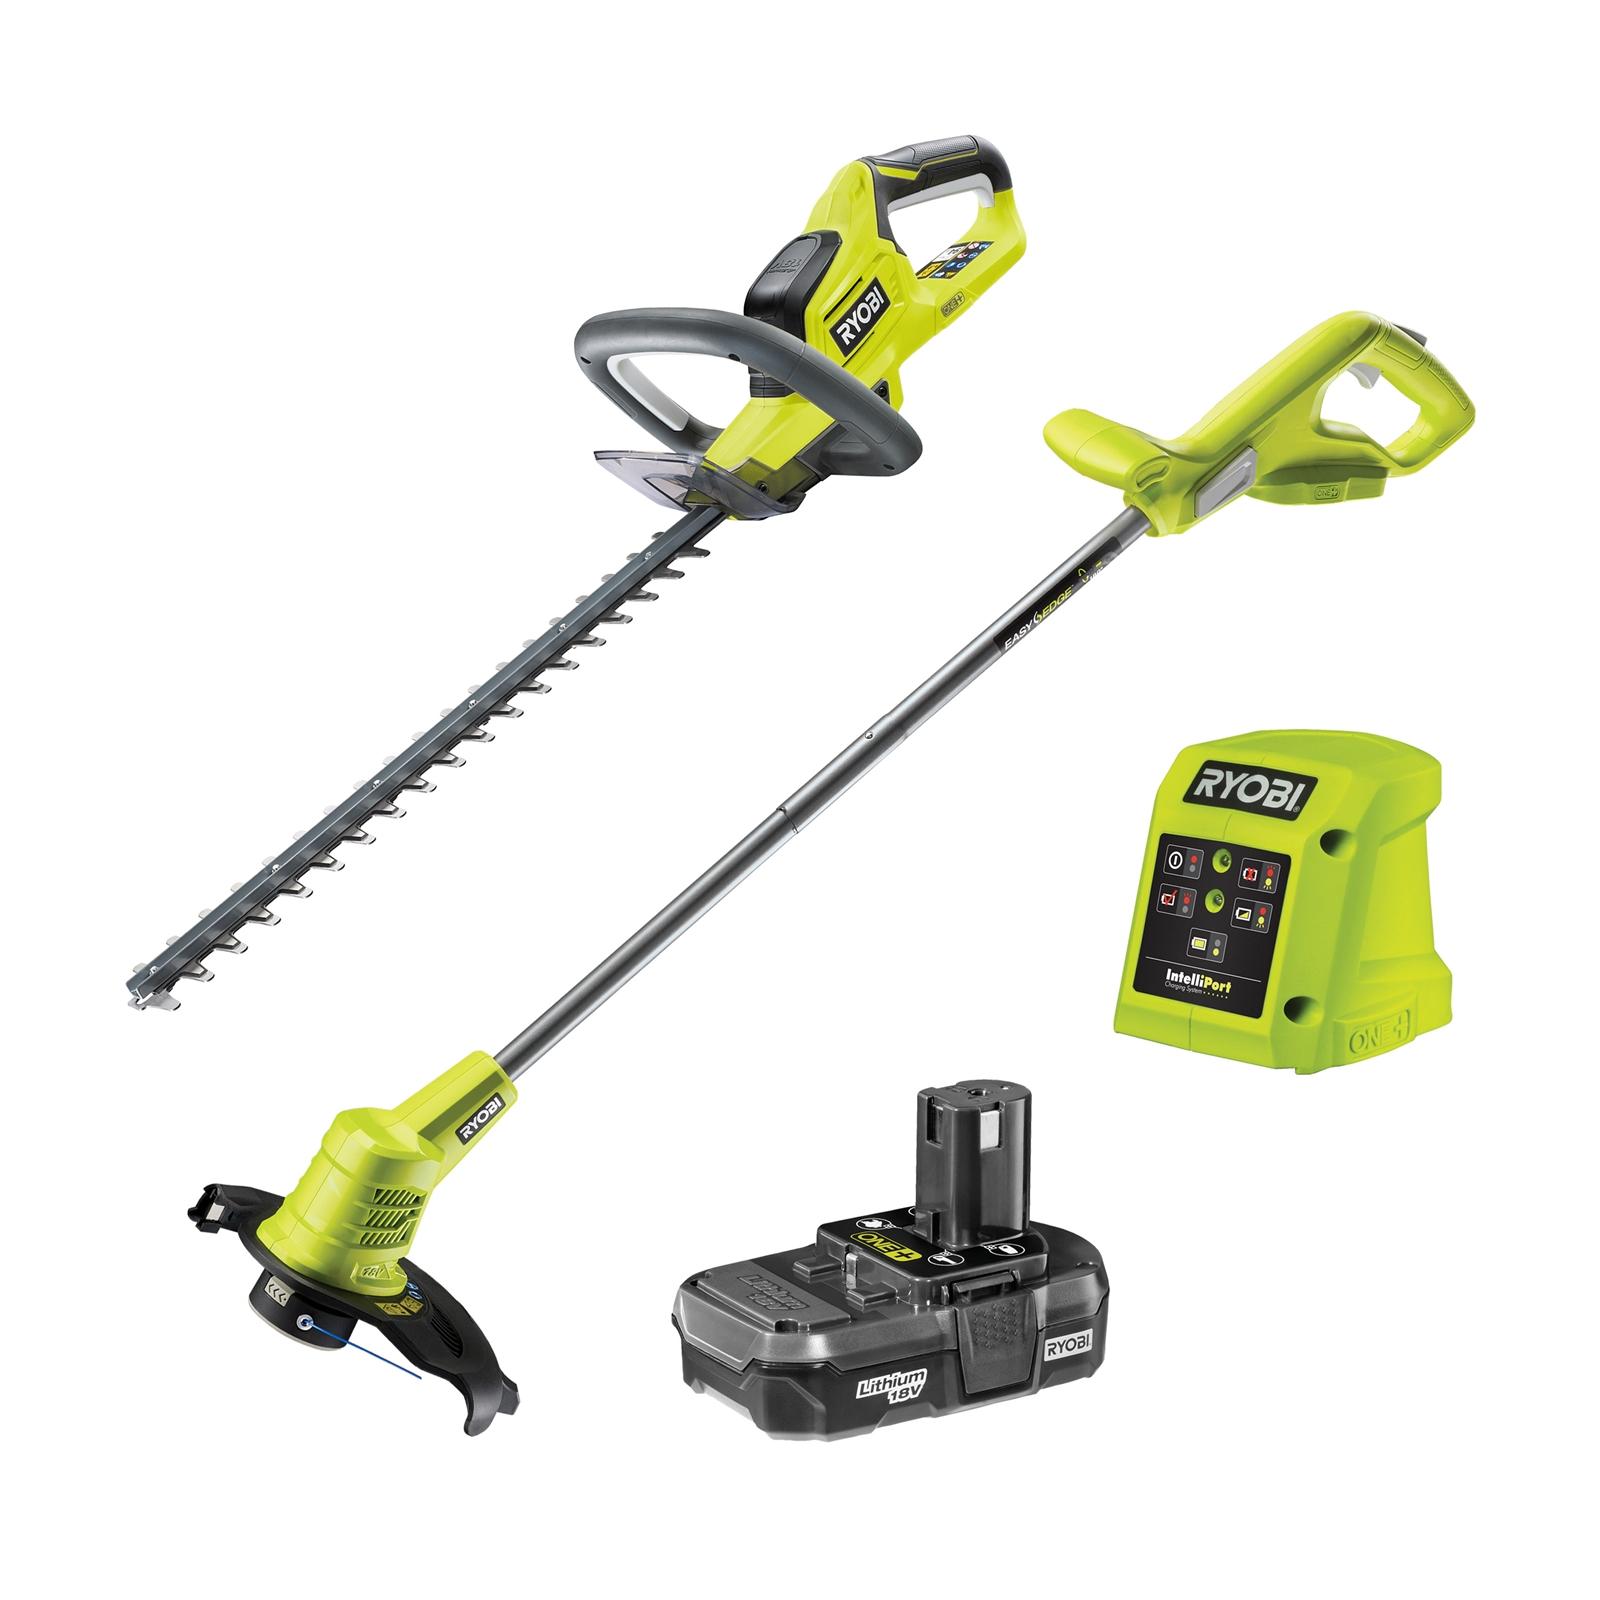 RYOBI ONE+ 18V Hedge Trimmer & Line Trimmer Kit £77 @ Homebase